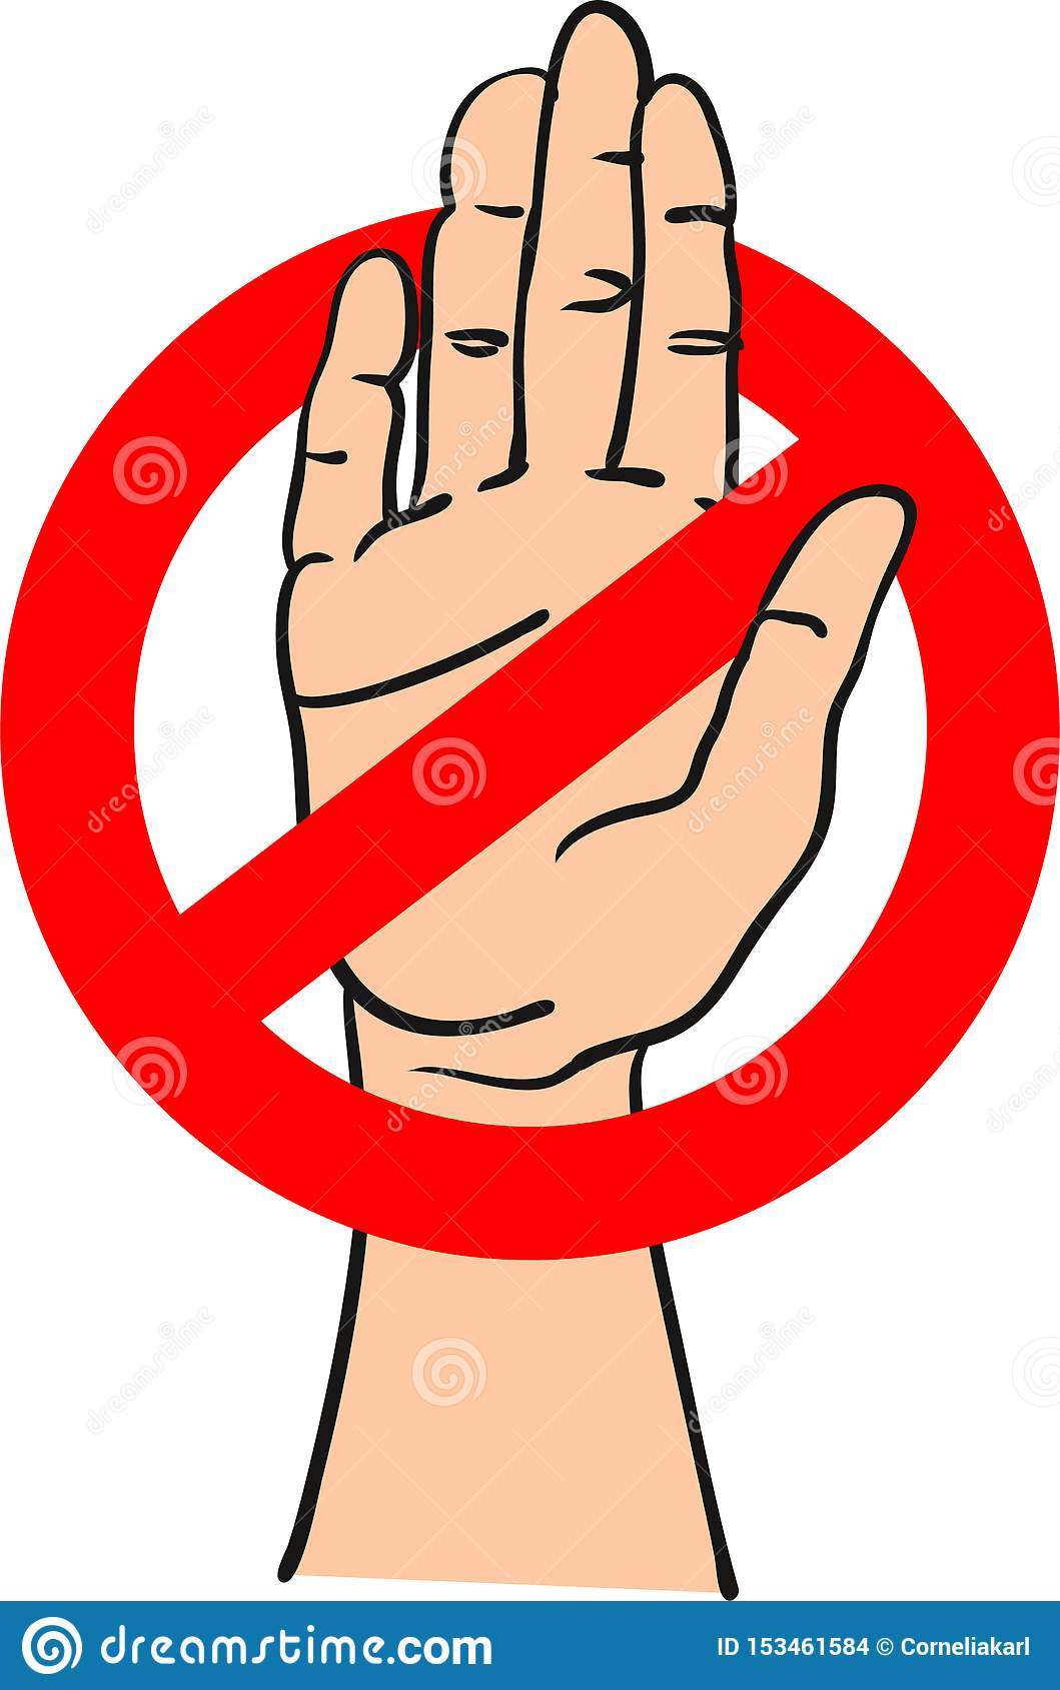 Красный знак стопа с рукой внутри сигнализировать стоп - иллюстрацию вектора руки вычерченную